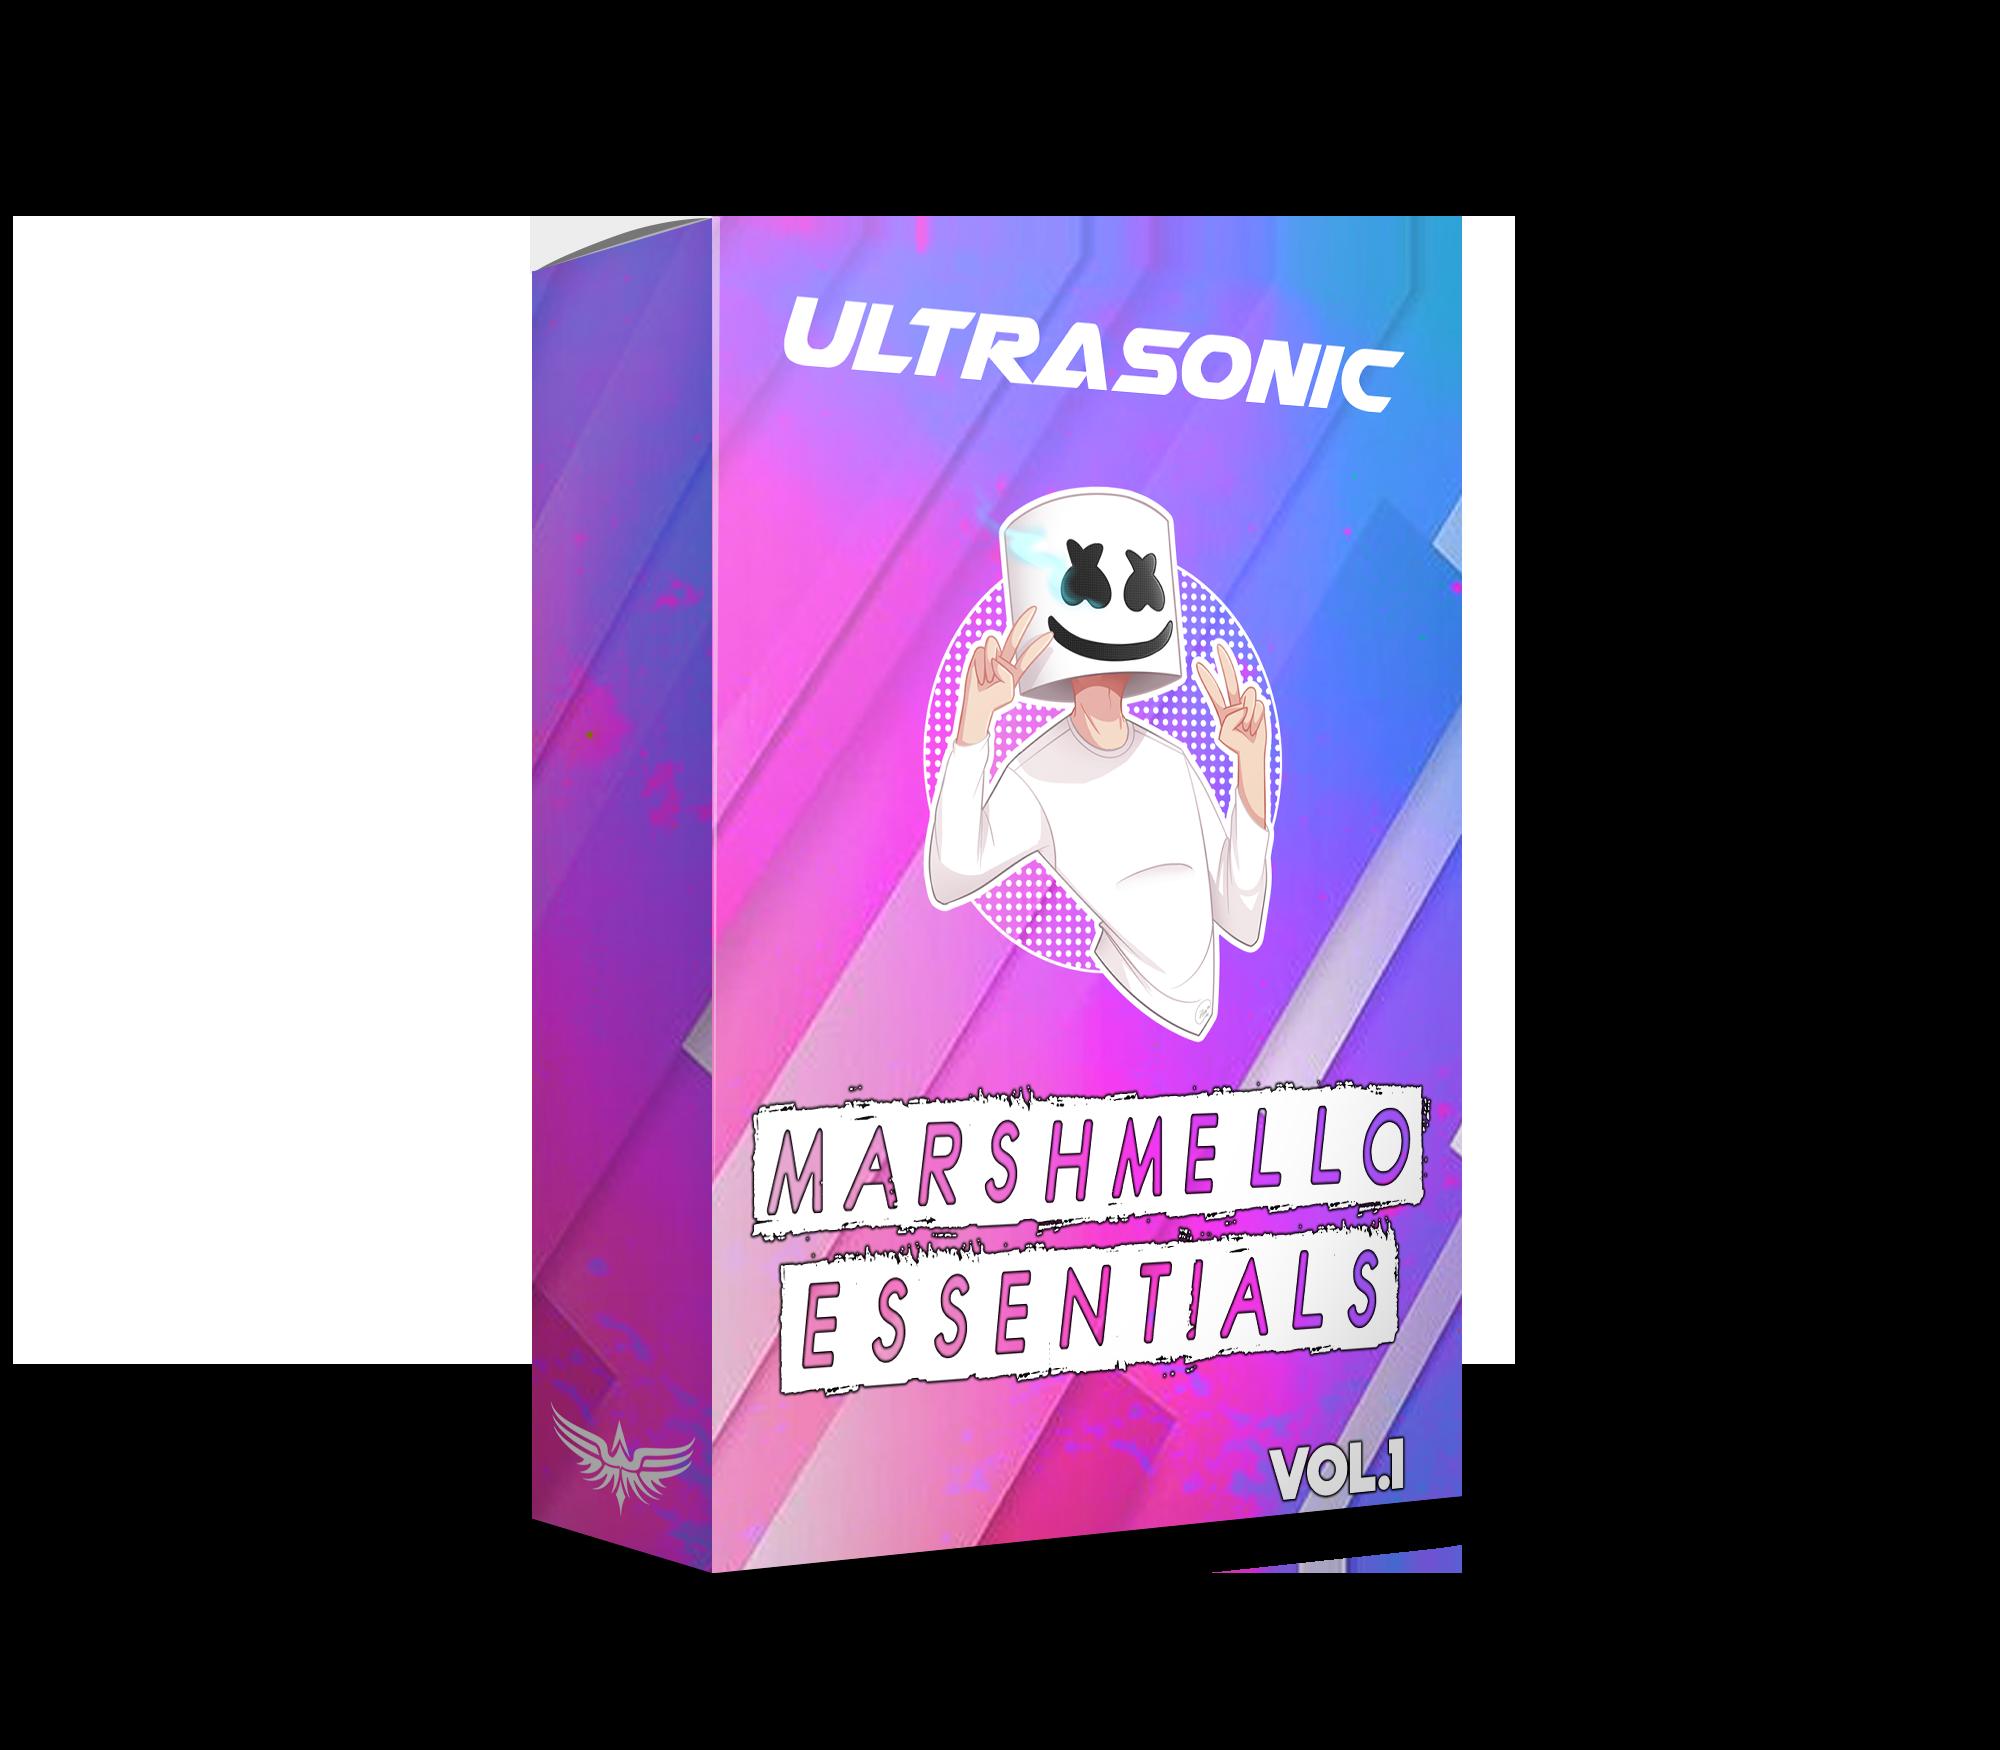 Marshmello Essentials Vol 1 // FREE DOWNLOAD